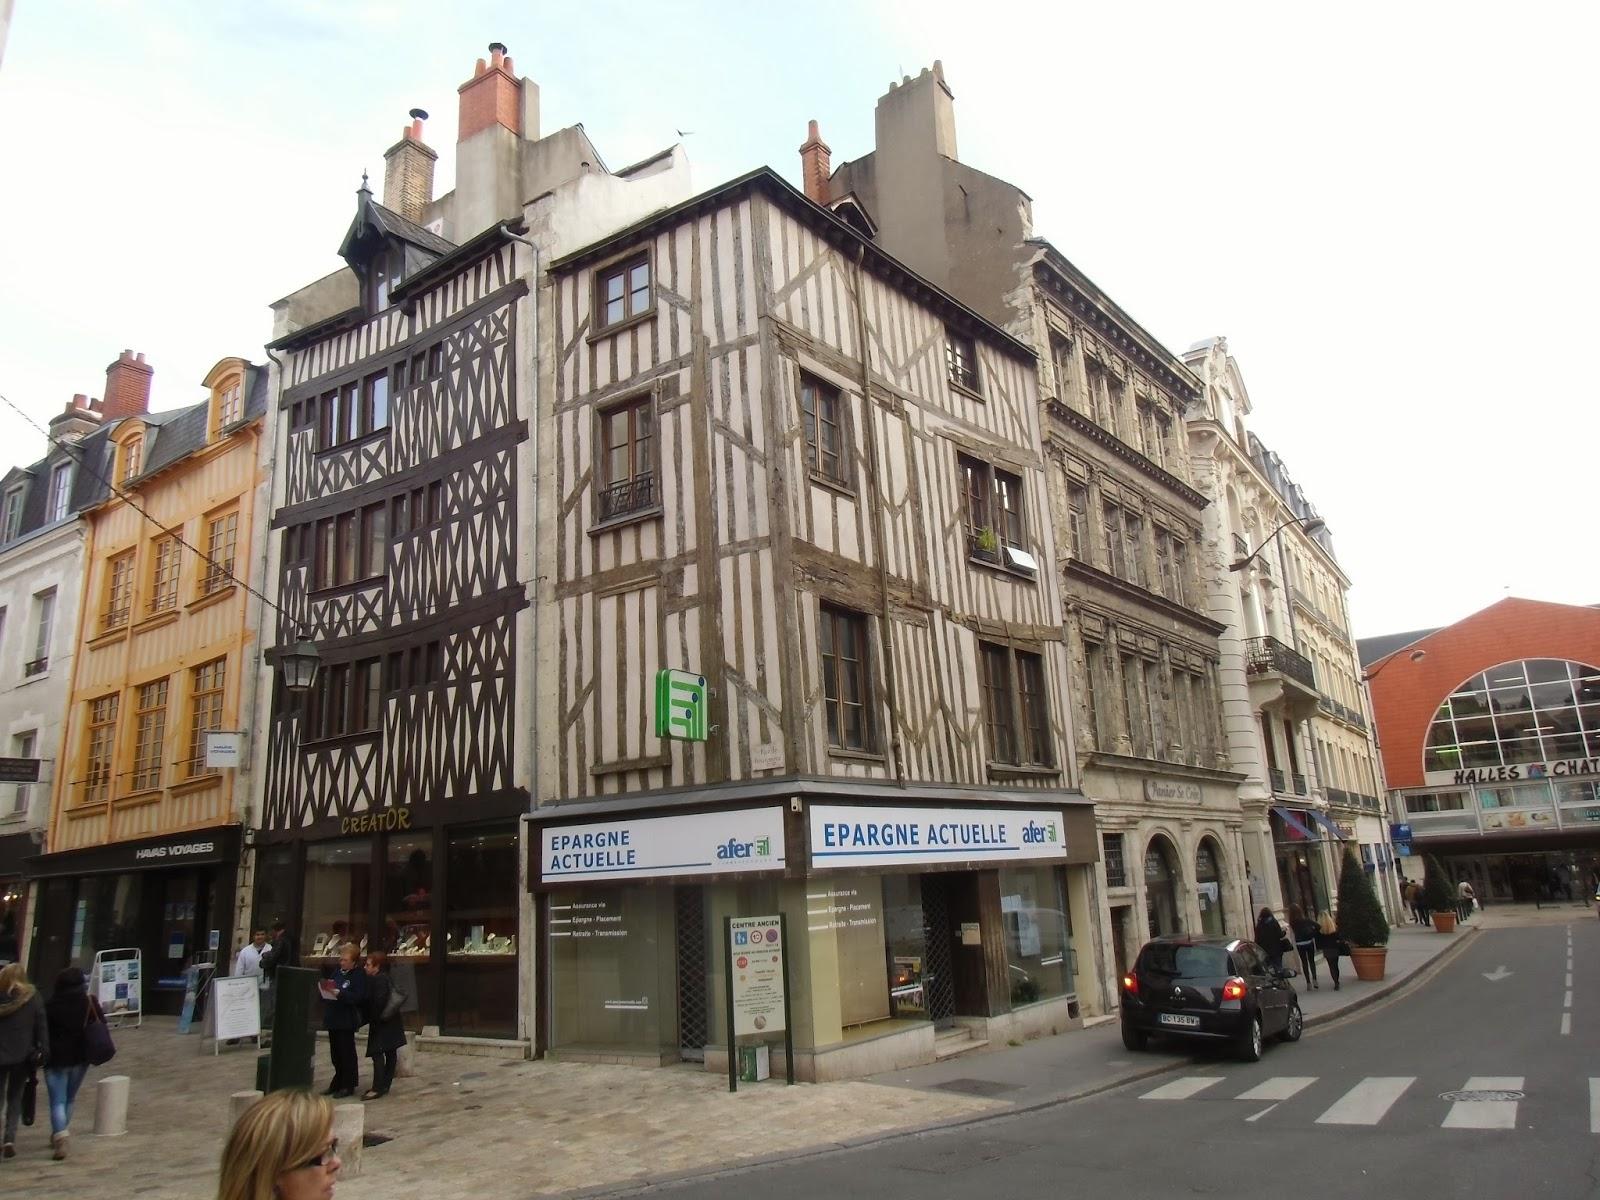 La rte le p re d 39 ulysse rue de bourgogne orleans loiret for Maison des entreprises orleans